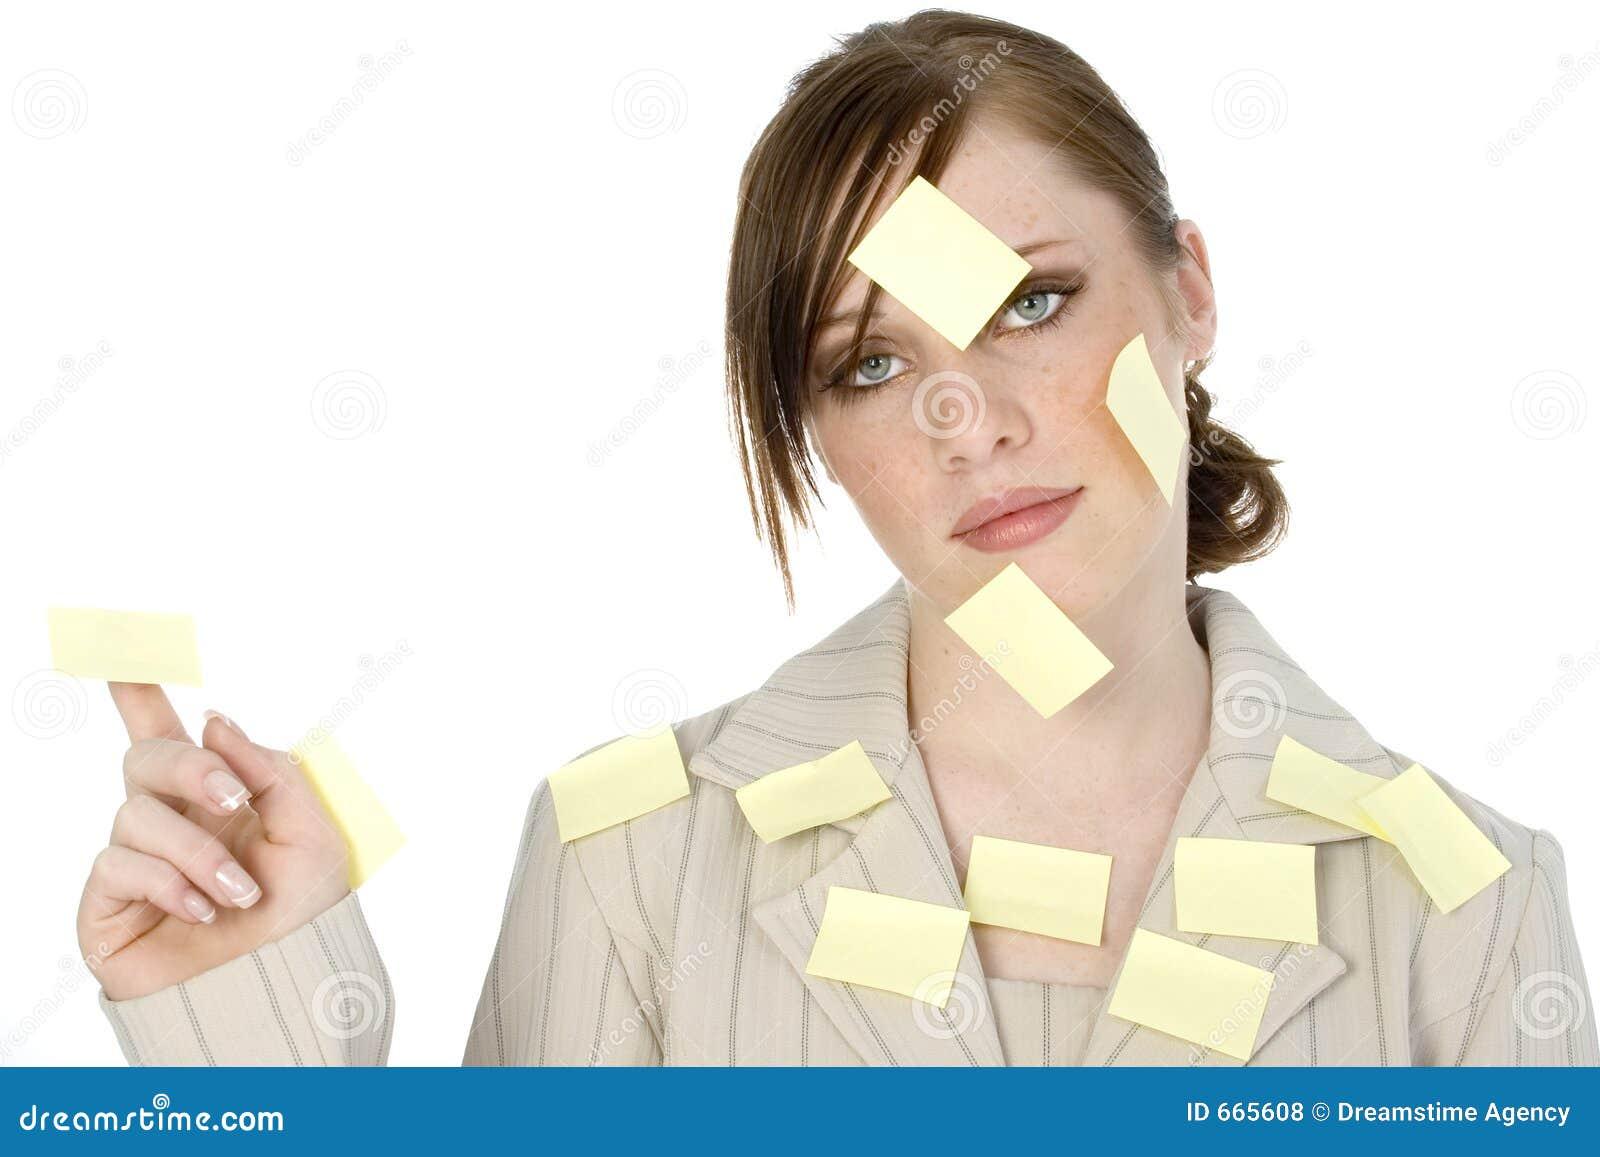 Sticky Note Girl